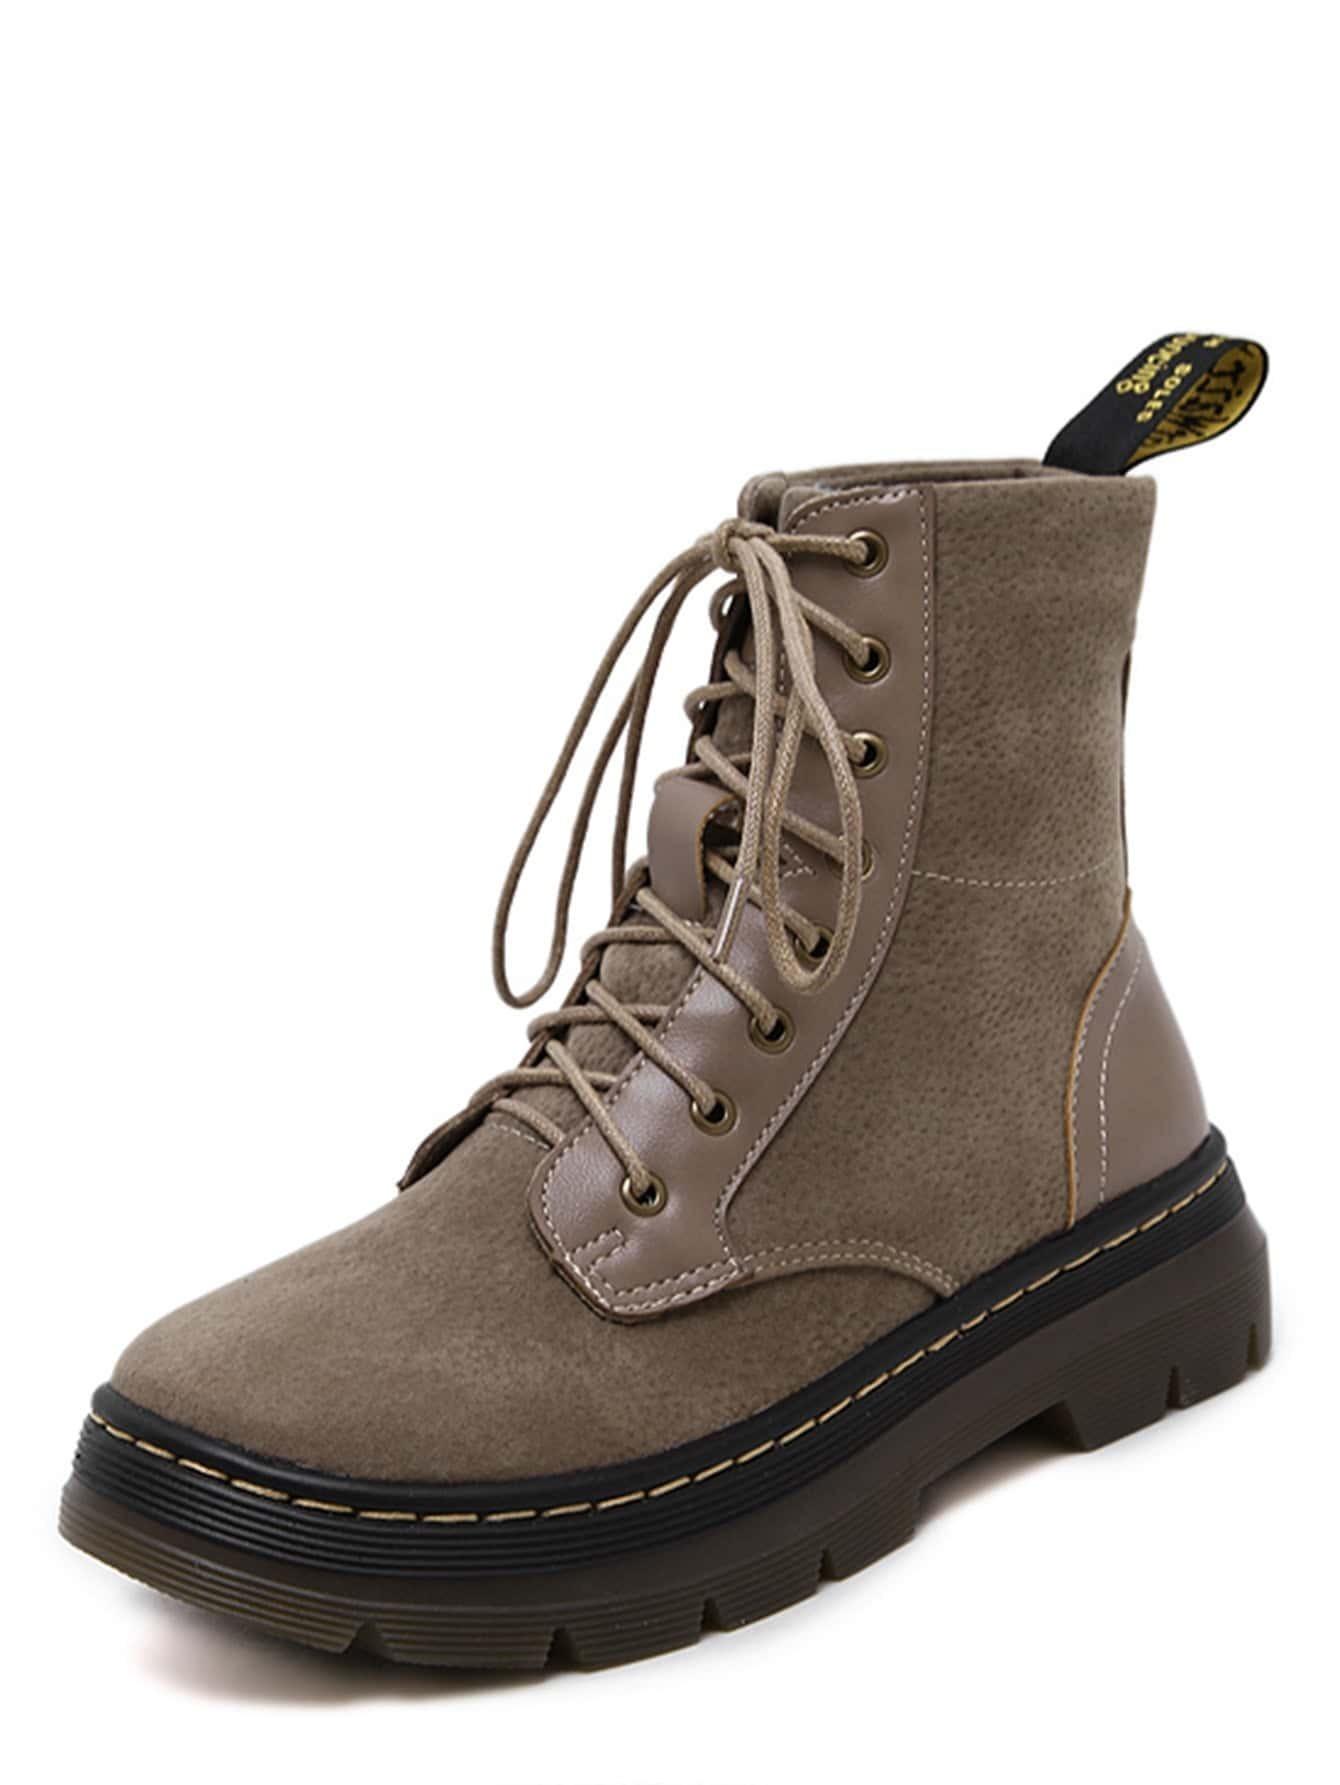 shoes160920805_2